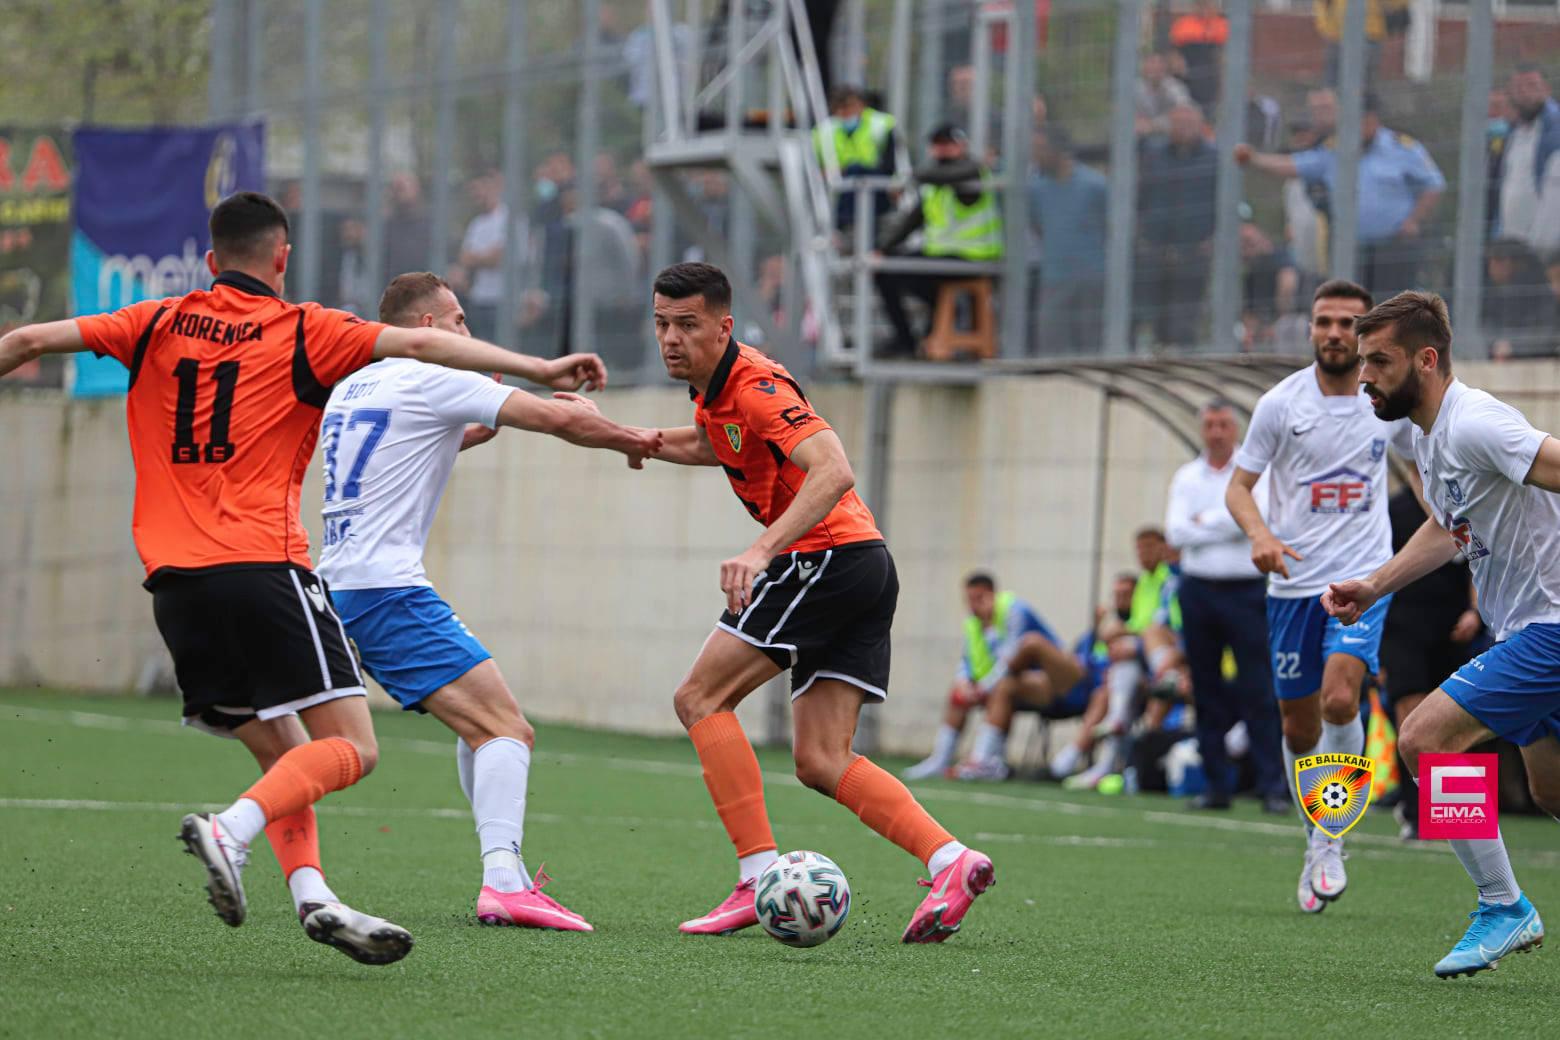 Të dielën ndeshje interesante në Superligë, Drenica – Ballkani